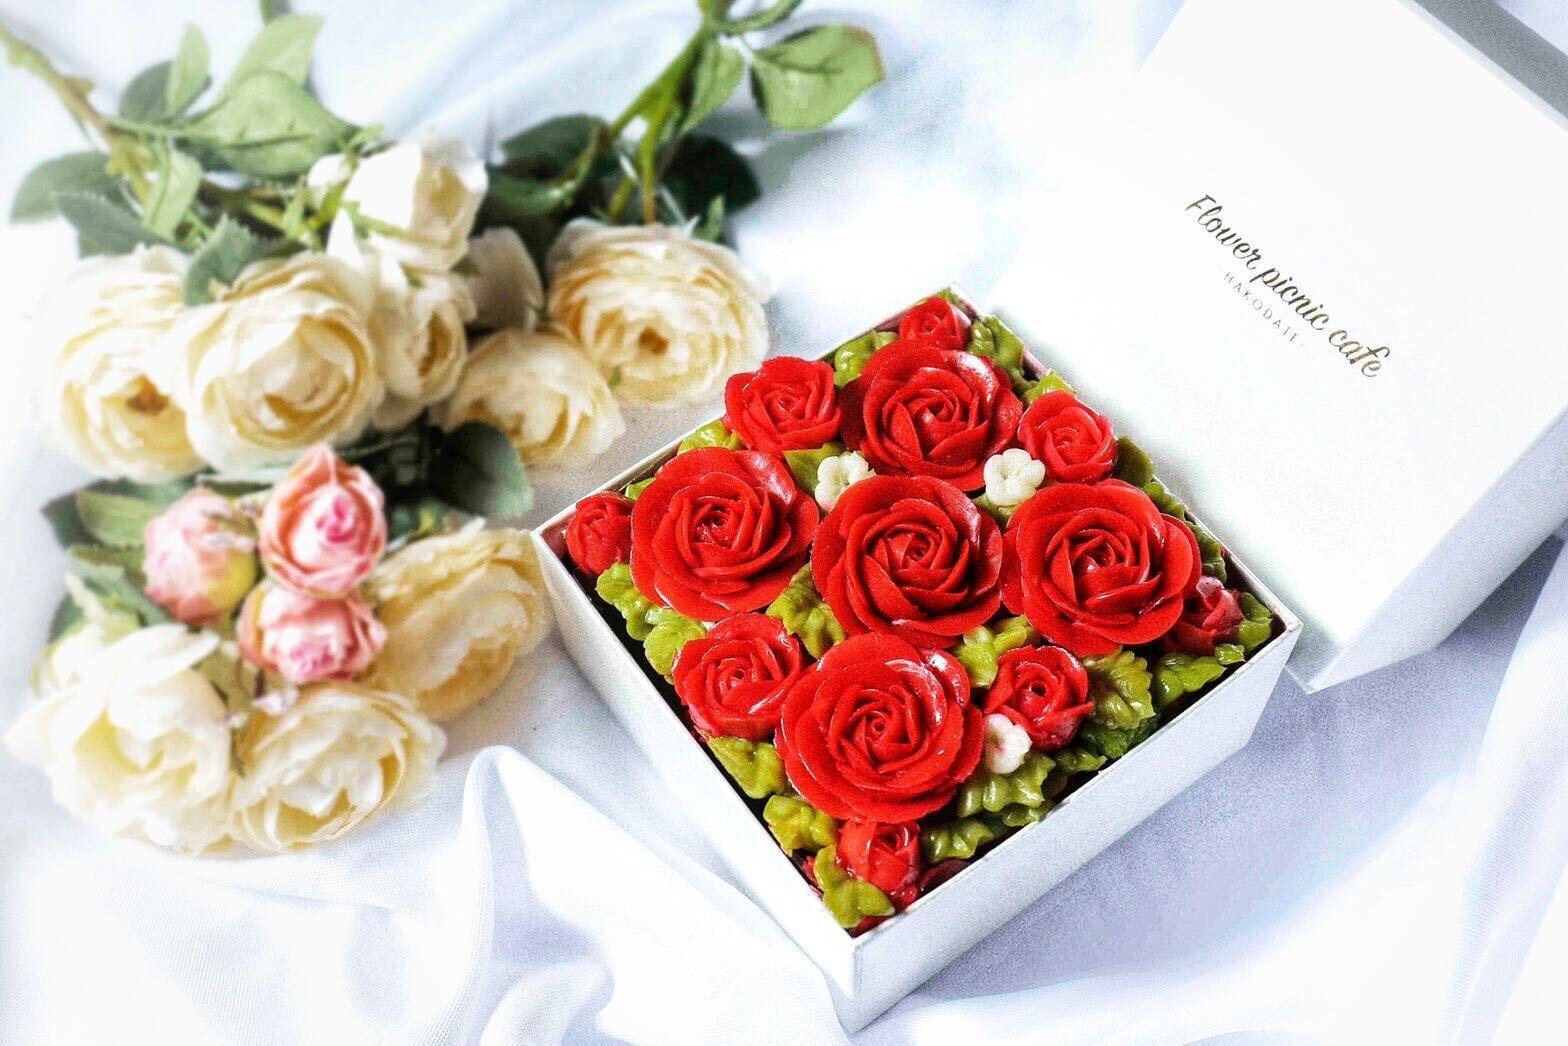 【Shining Red】Anniversaryボックスフラワーケーキ